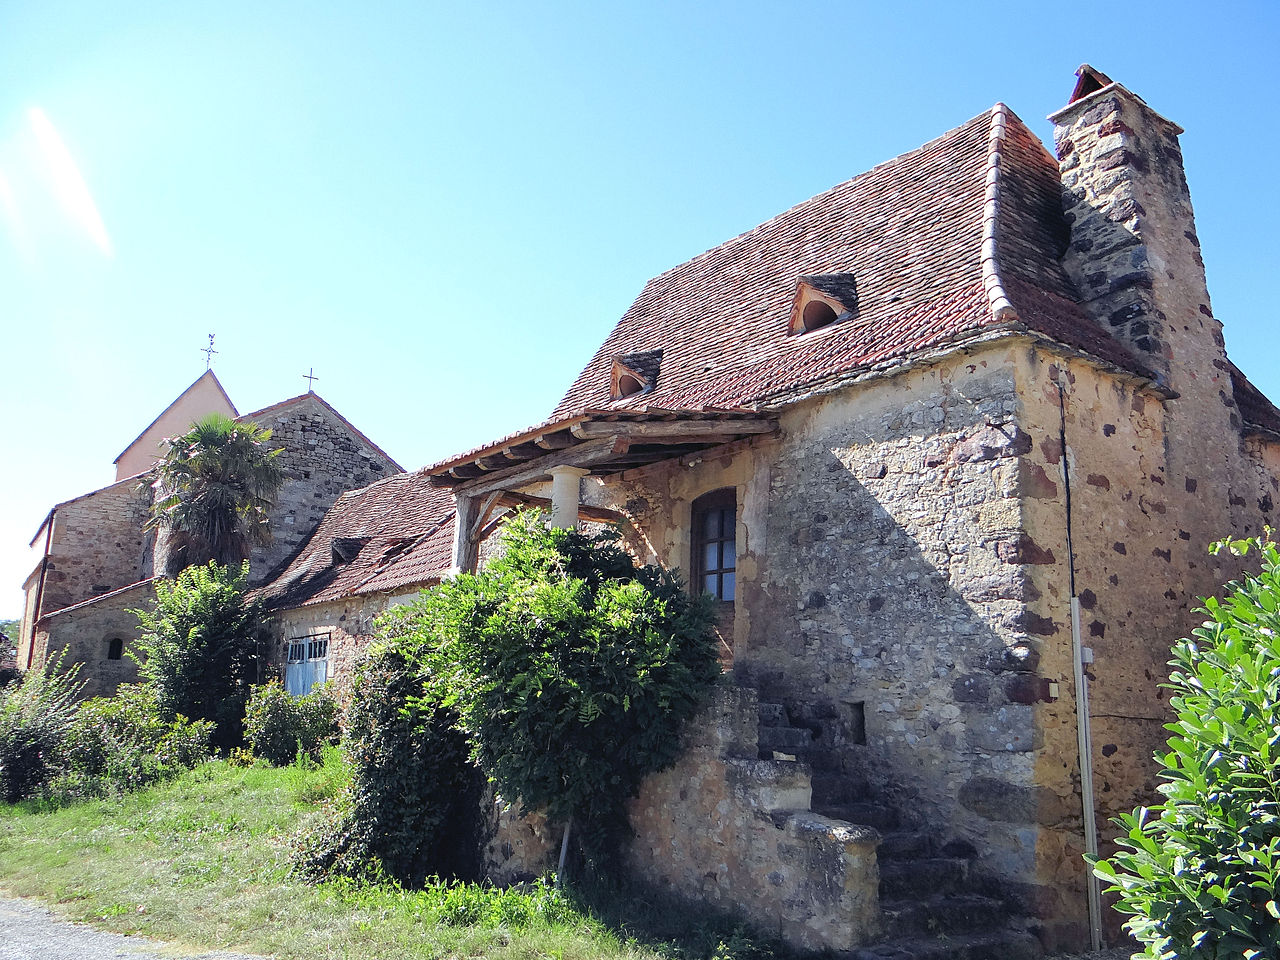 Maisons du village de Carves.